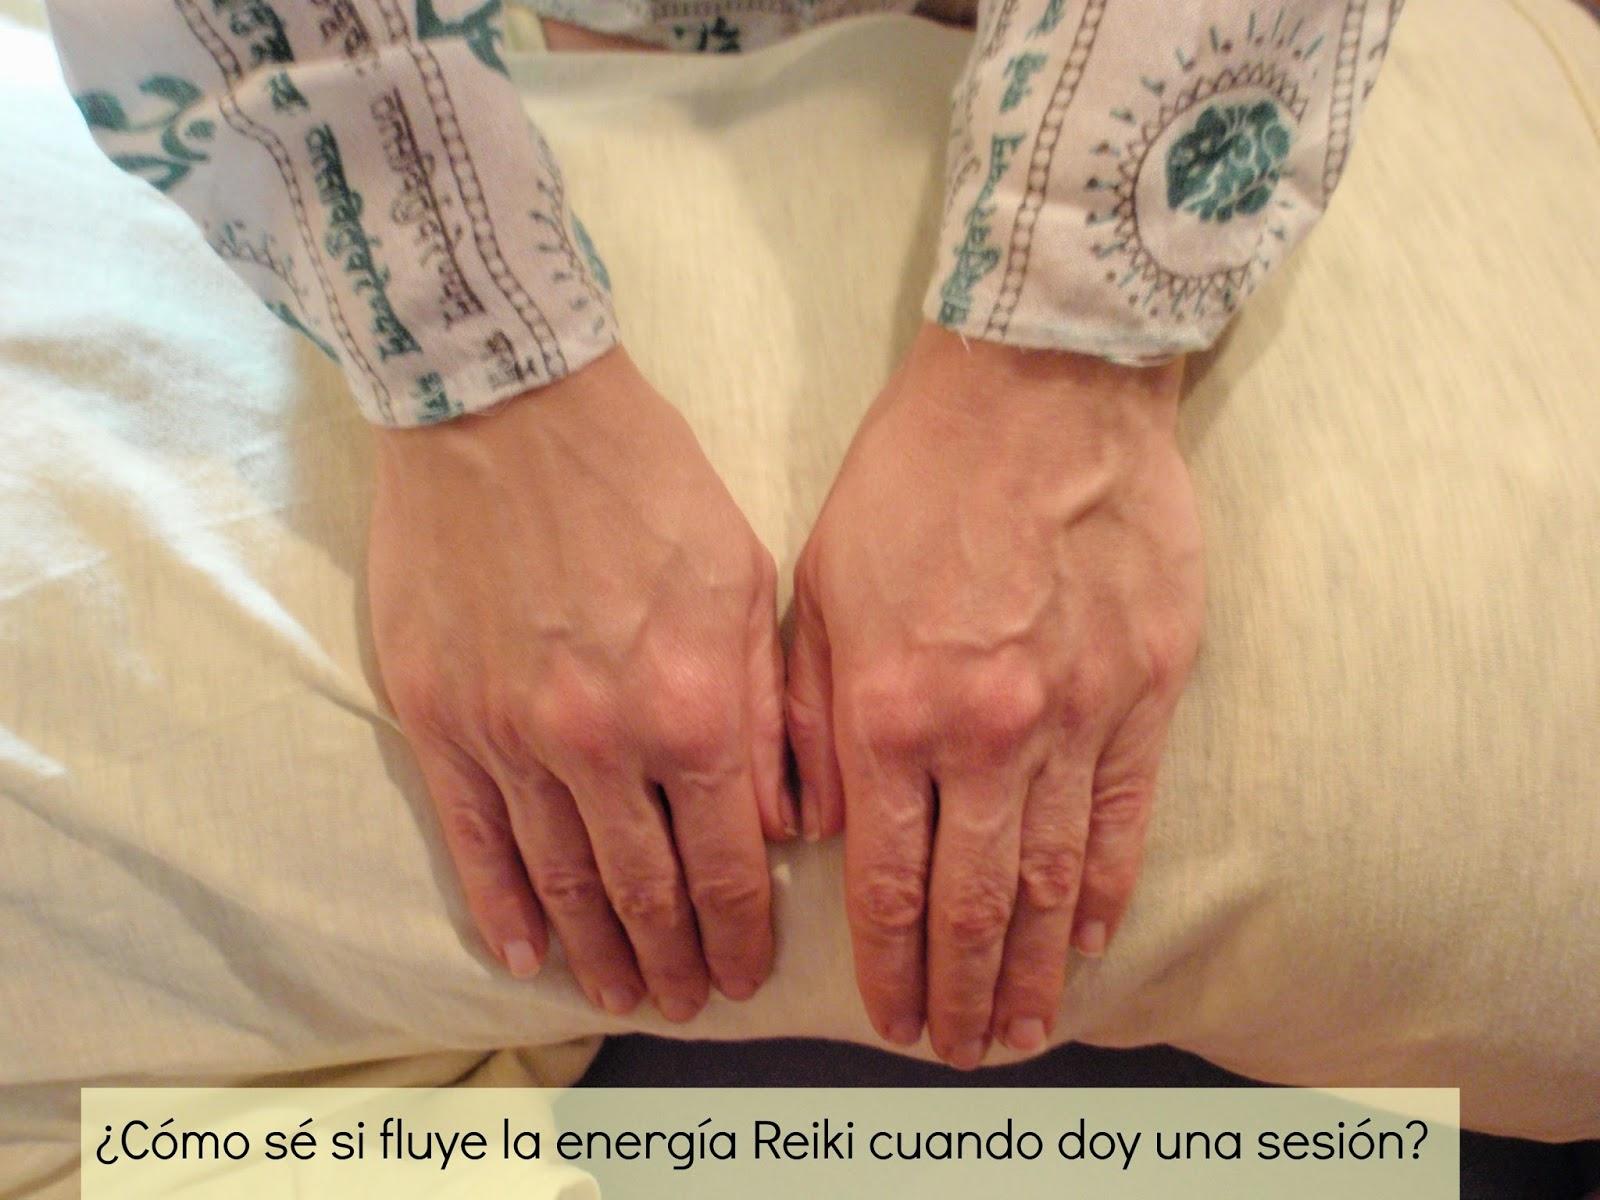 ¿Cómo sé si fluye la energía cuando doy una sesión de Reiki?